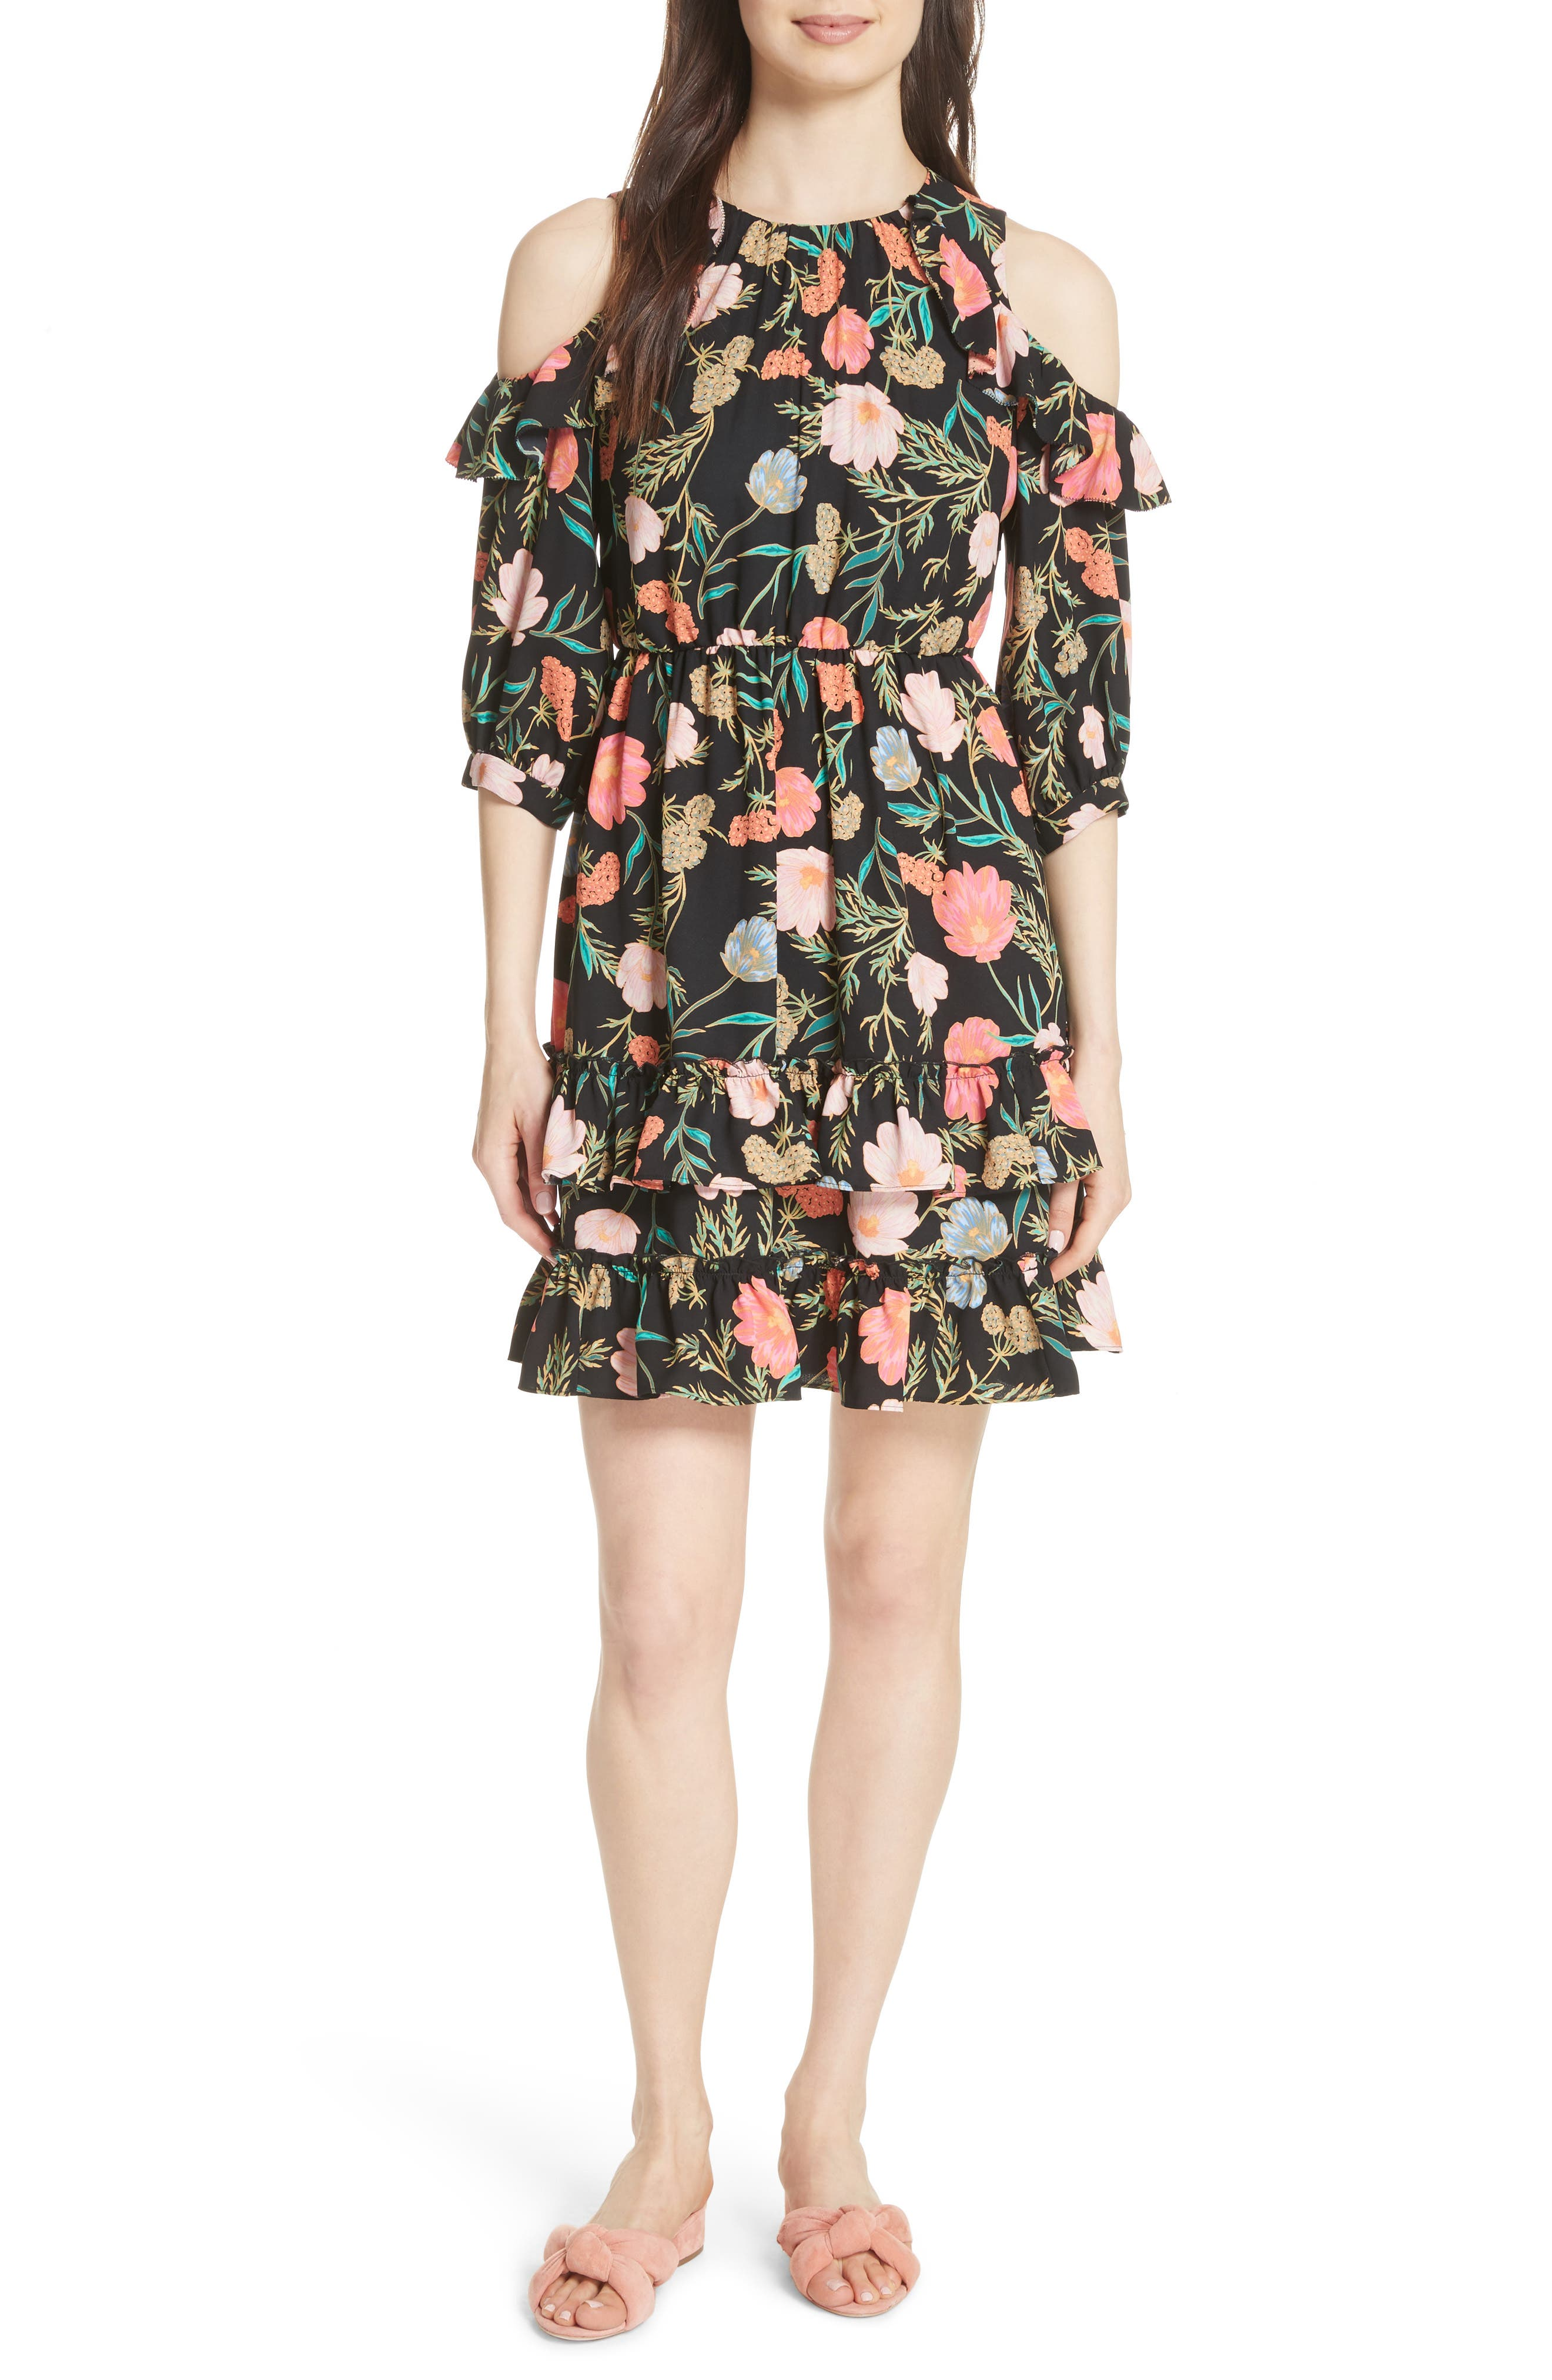 blossom cold shoulder dress,                         Main,                         color, Black